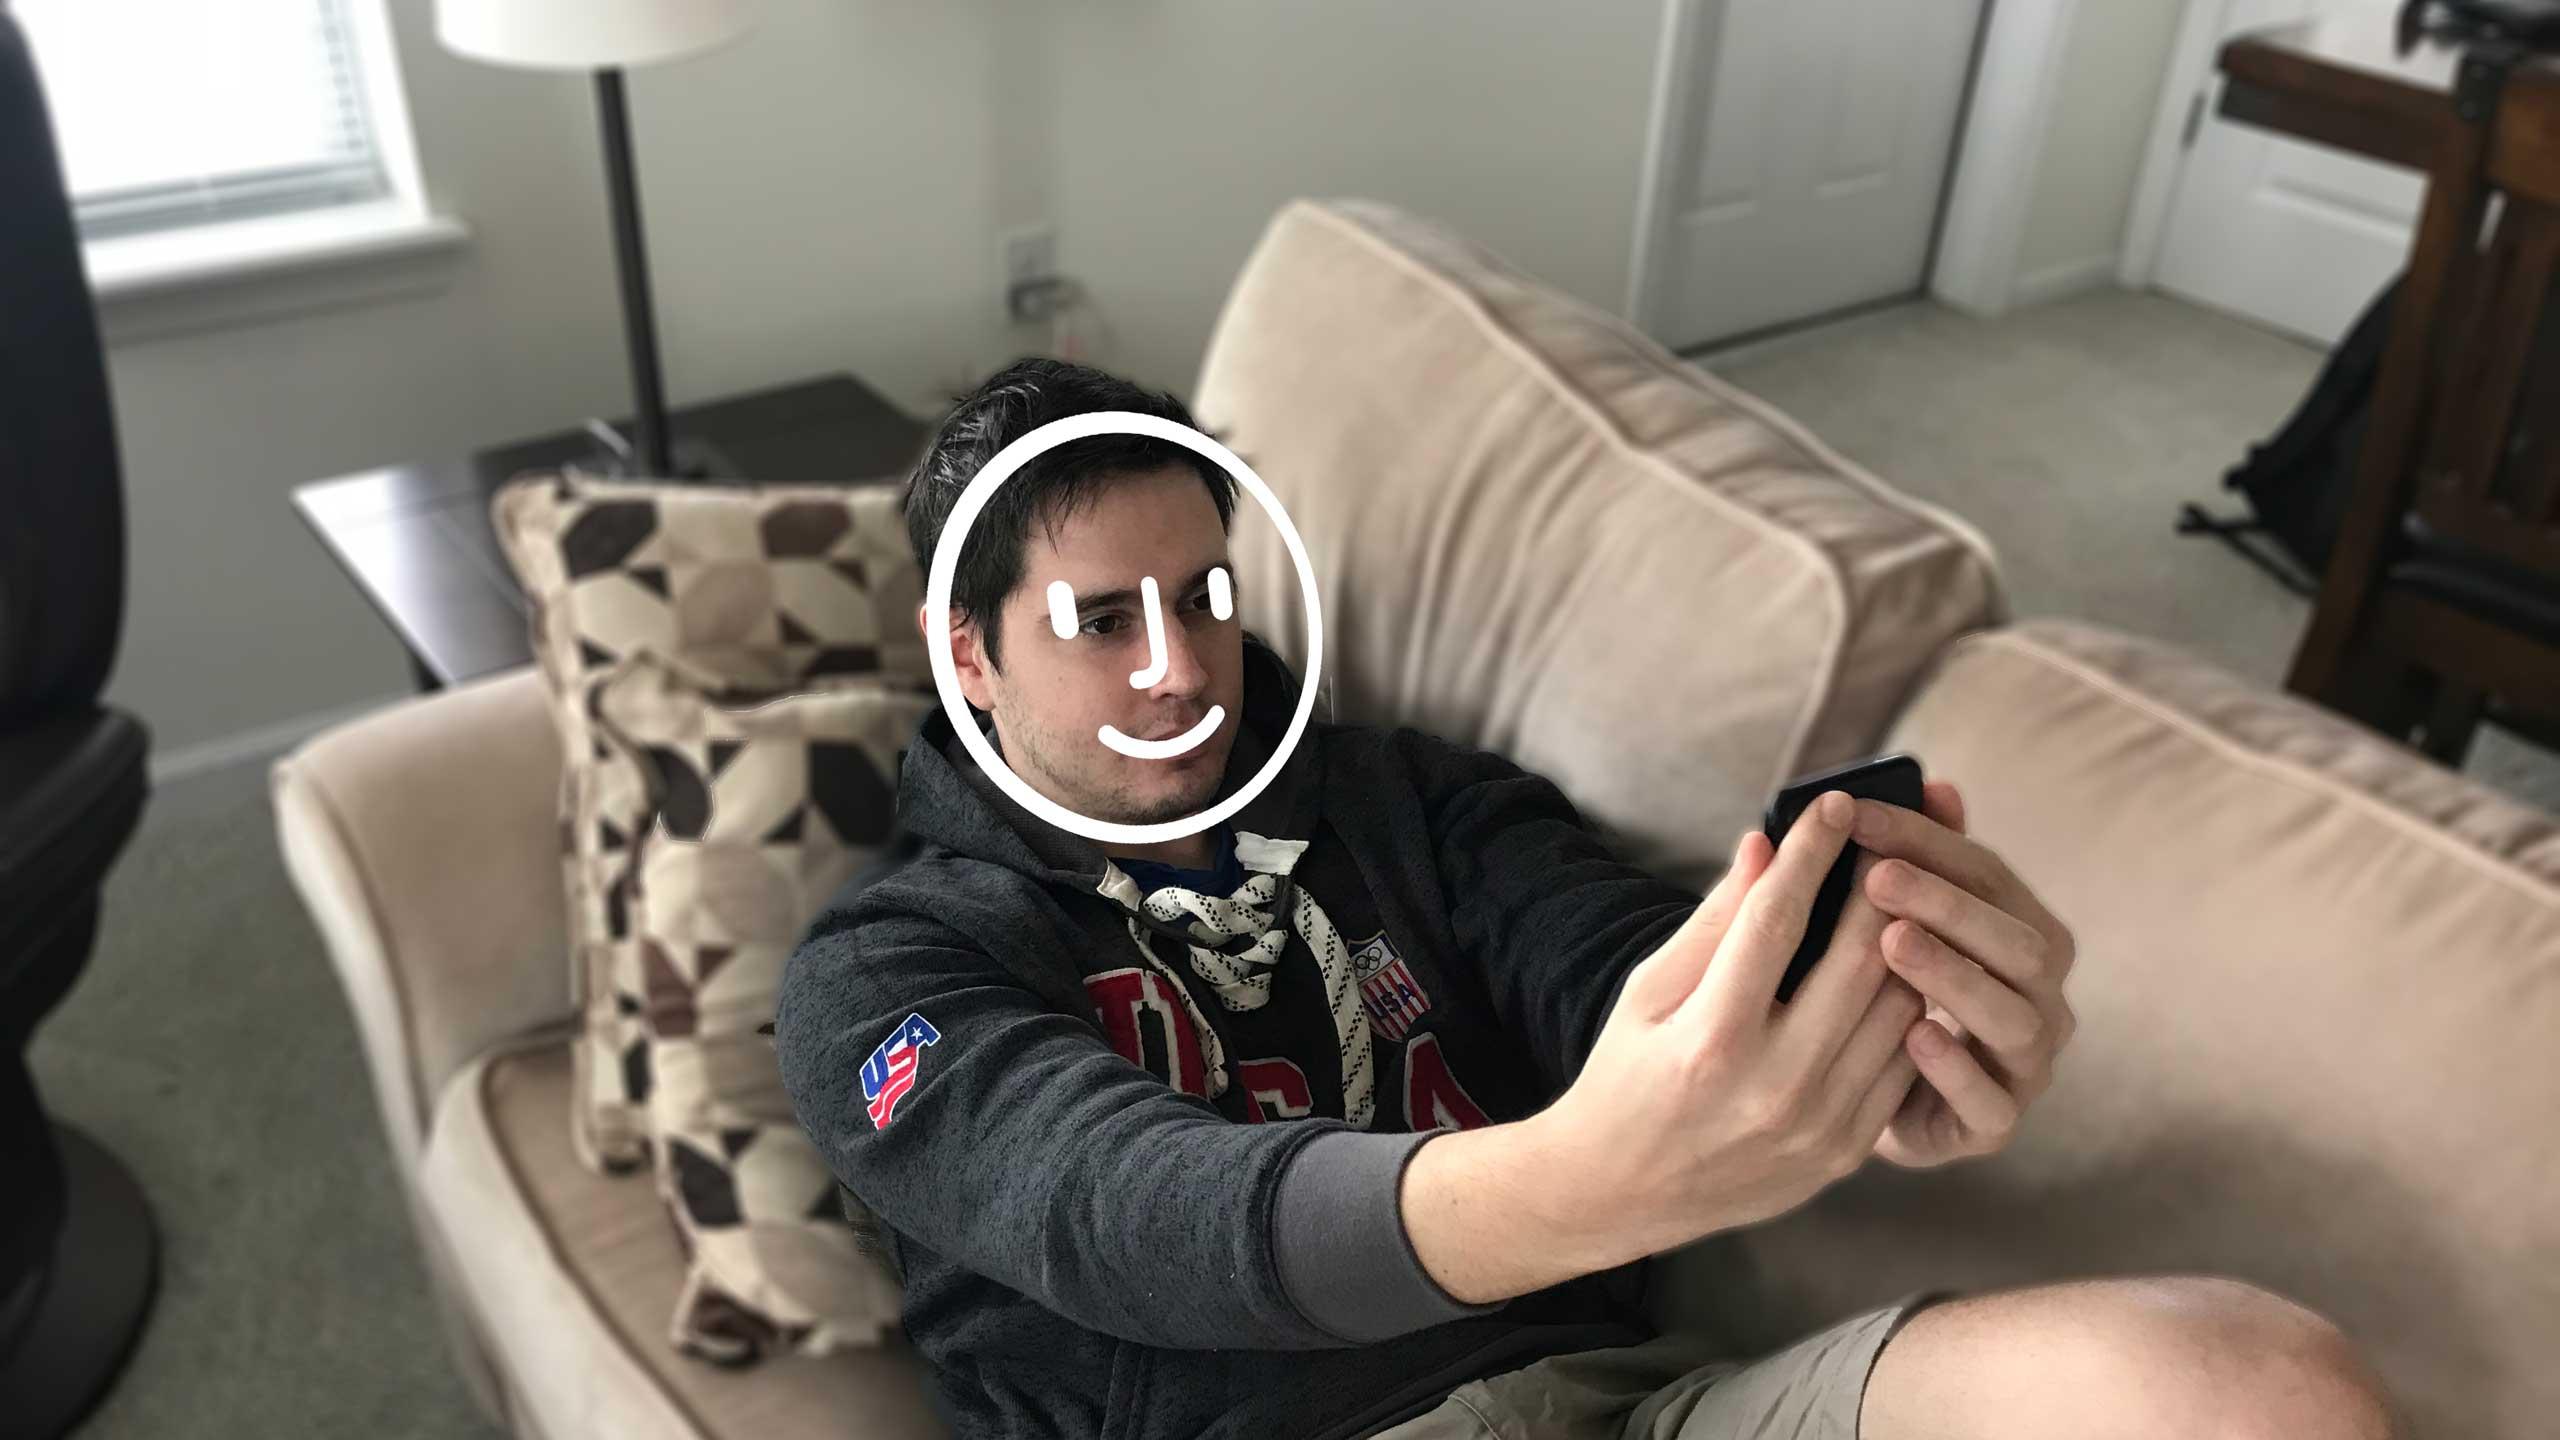 Новости Apple, специальный выпуск: iPhone X в России и очки дополненной реальности